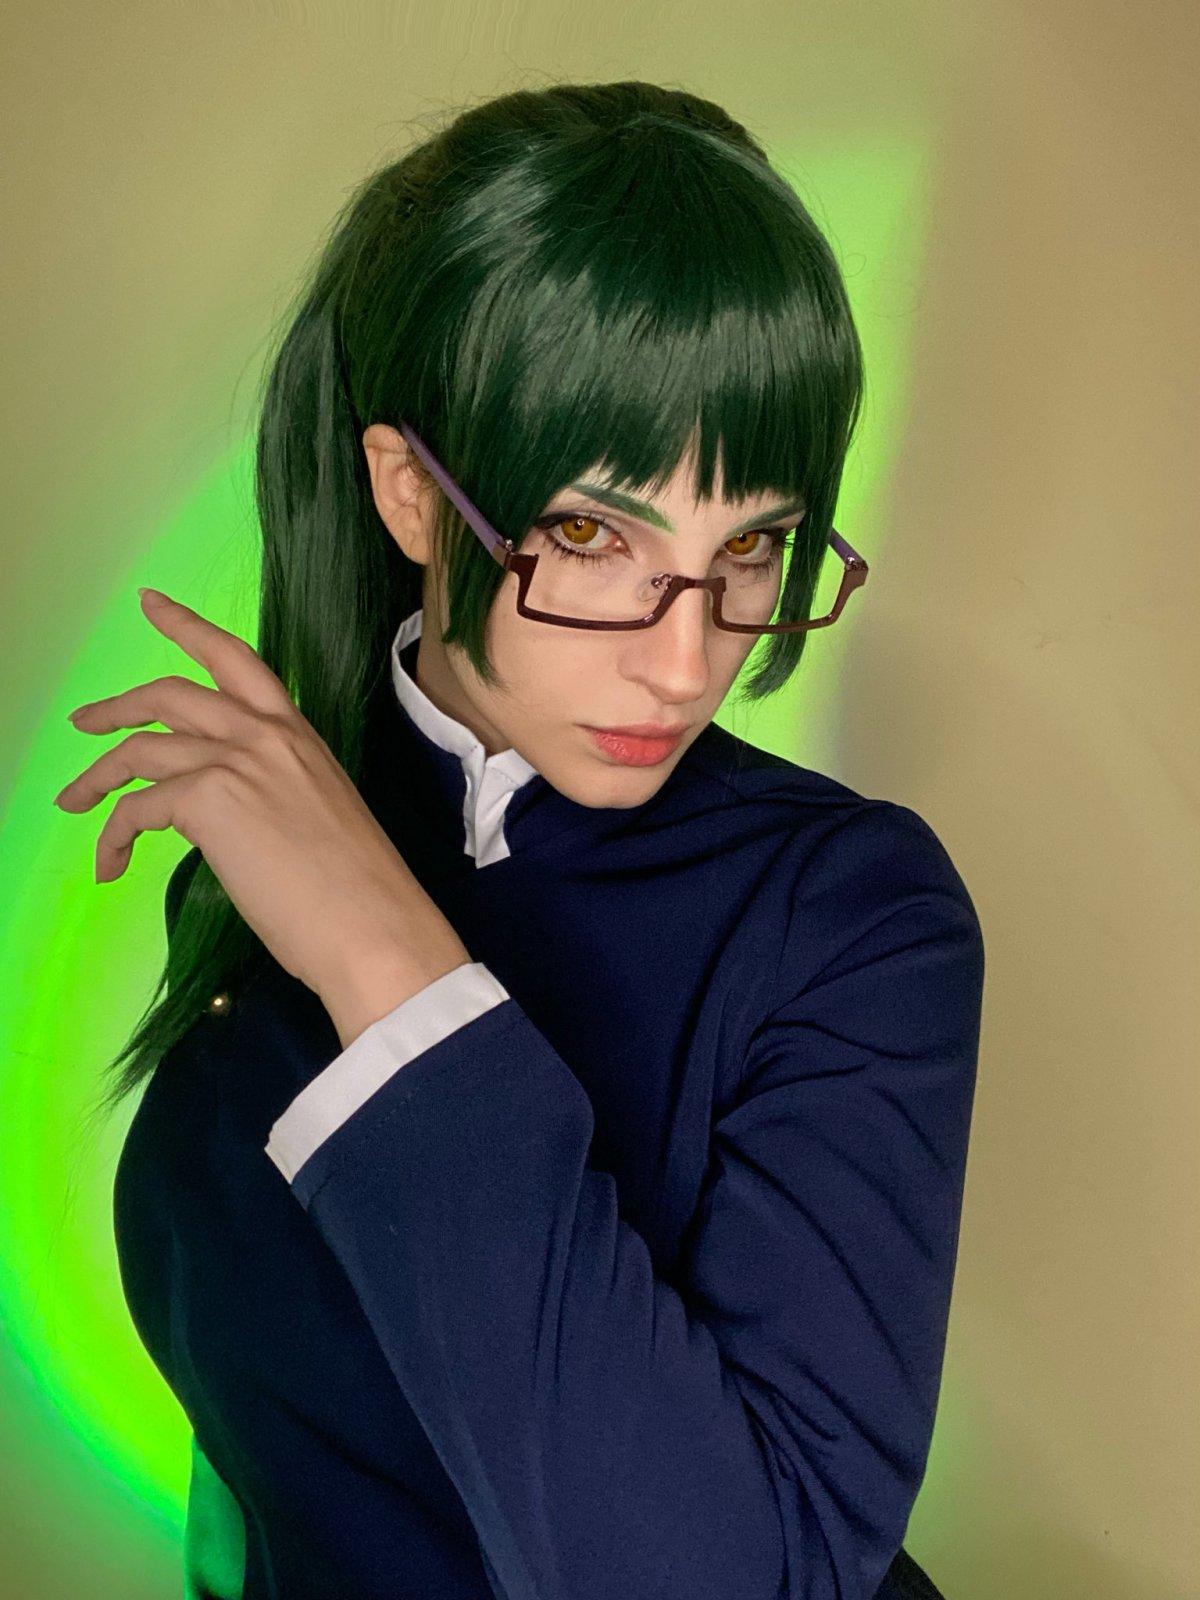 Cosplay da Maki Zenin, de Jujutsu Kaisen, da Samanta Bravin. O cosplay tem um vestido e a personagem tem cabelos verdes e óculos. A Samanta está olhando para a foto.